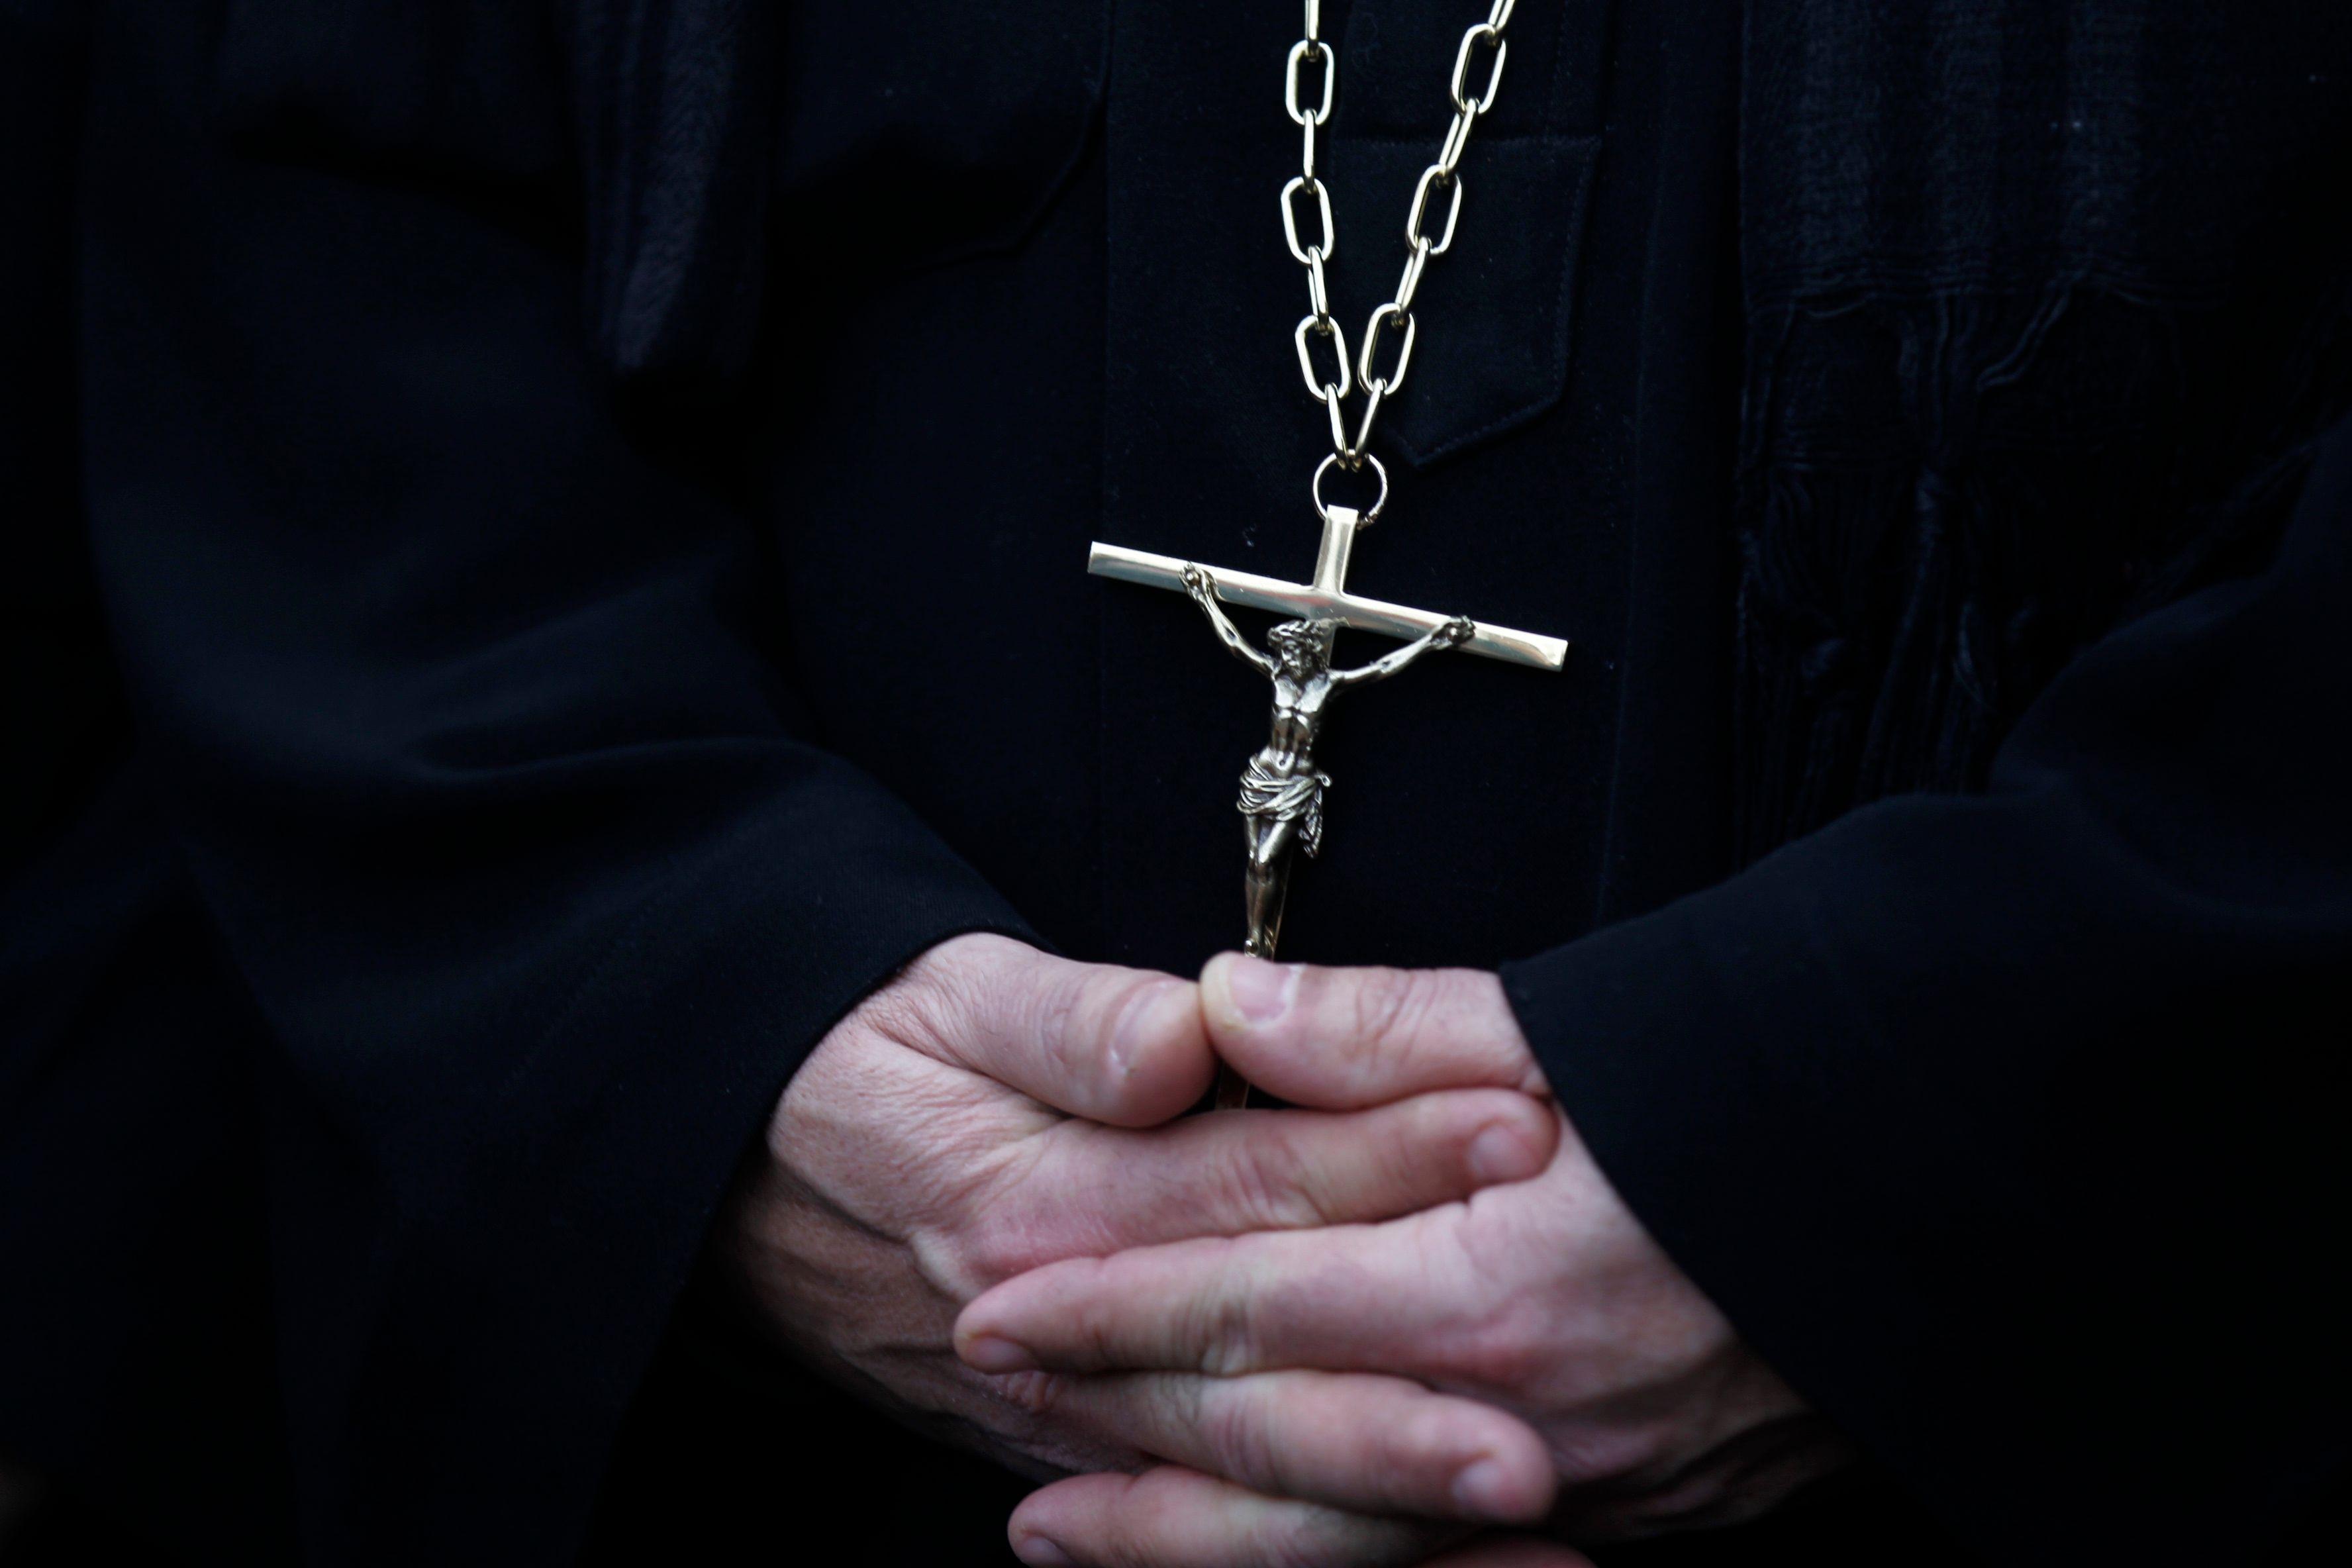 Pédophilie : monseigneur Di Falco assigné en justice après de nouvelles accusations